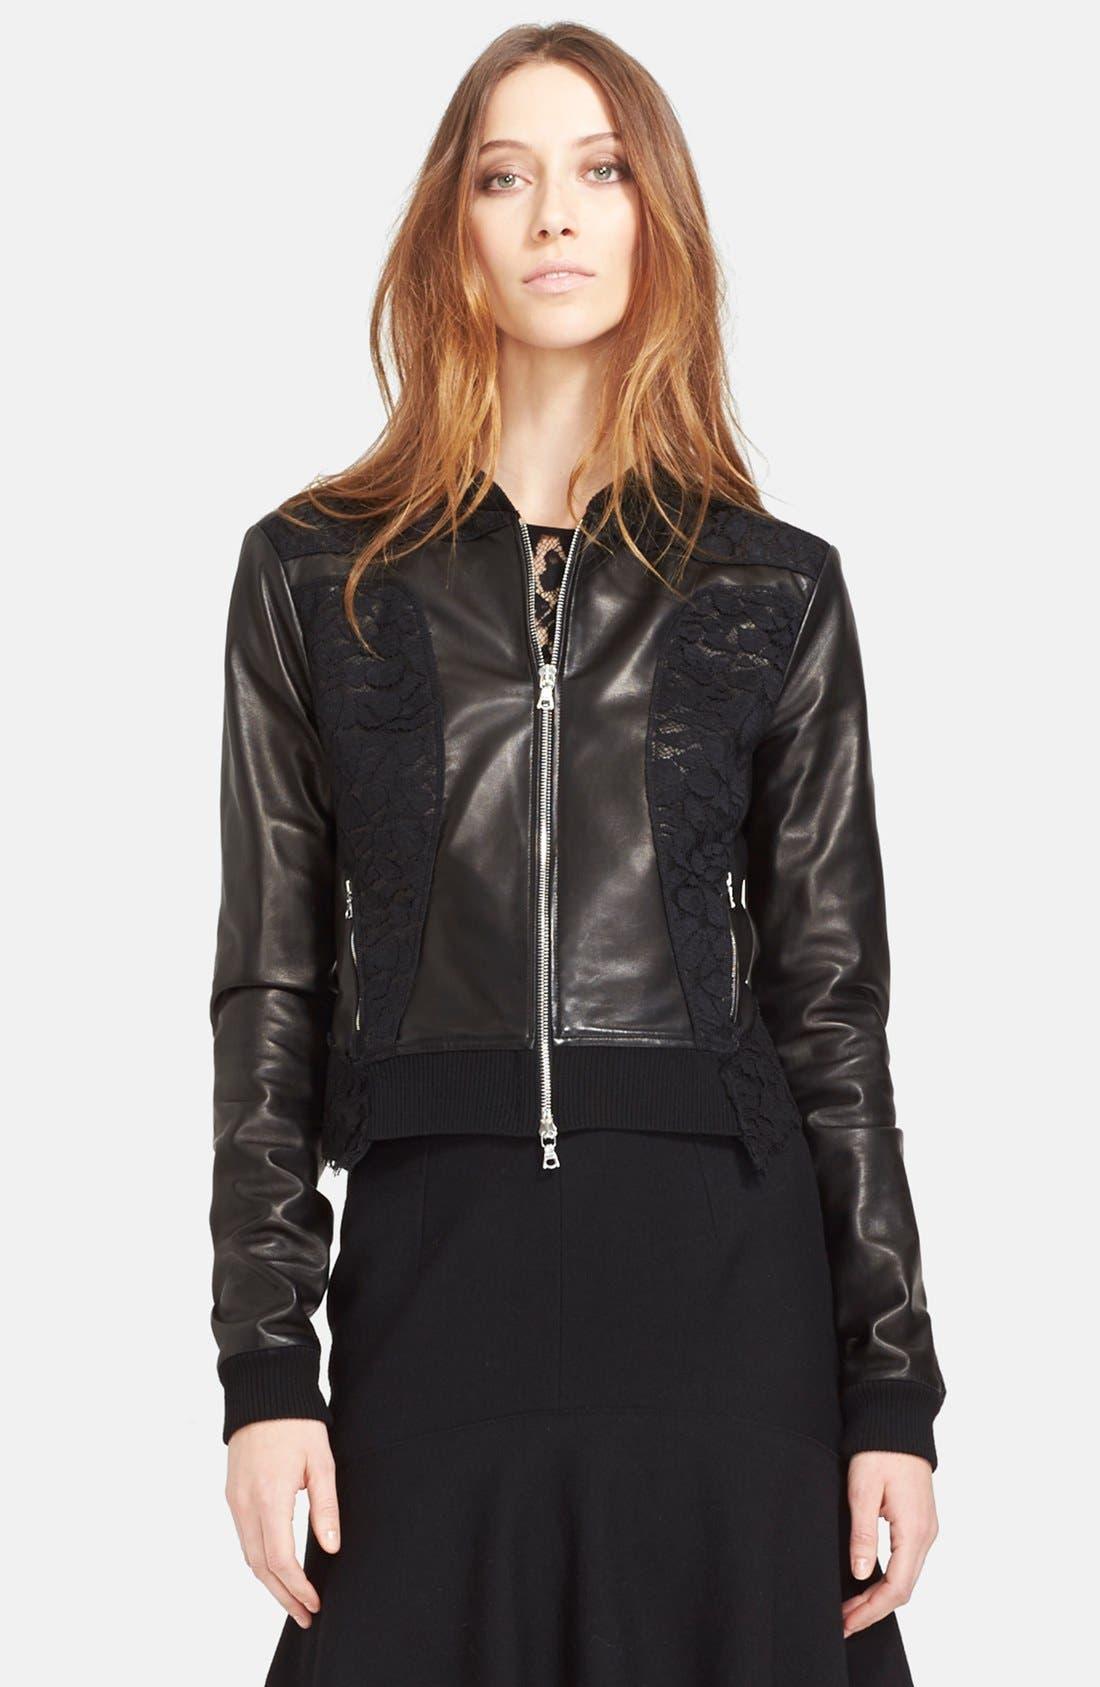 Alternate Image 1 Selected - Nina Ricci Lace Panel Leather Bomber Jacket